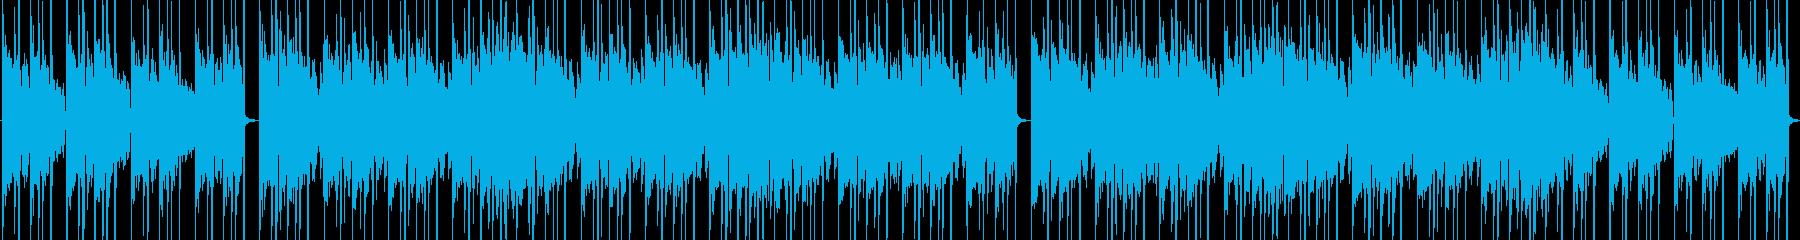 【チル】漂うようなLoFiヒップホップの再生済みの波形